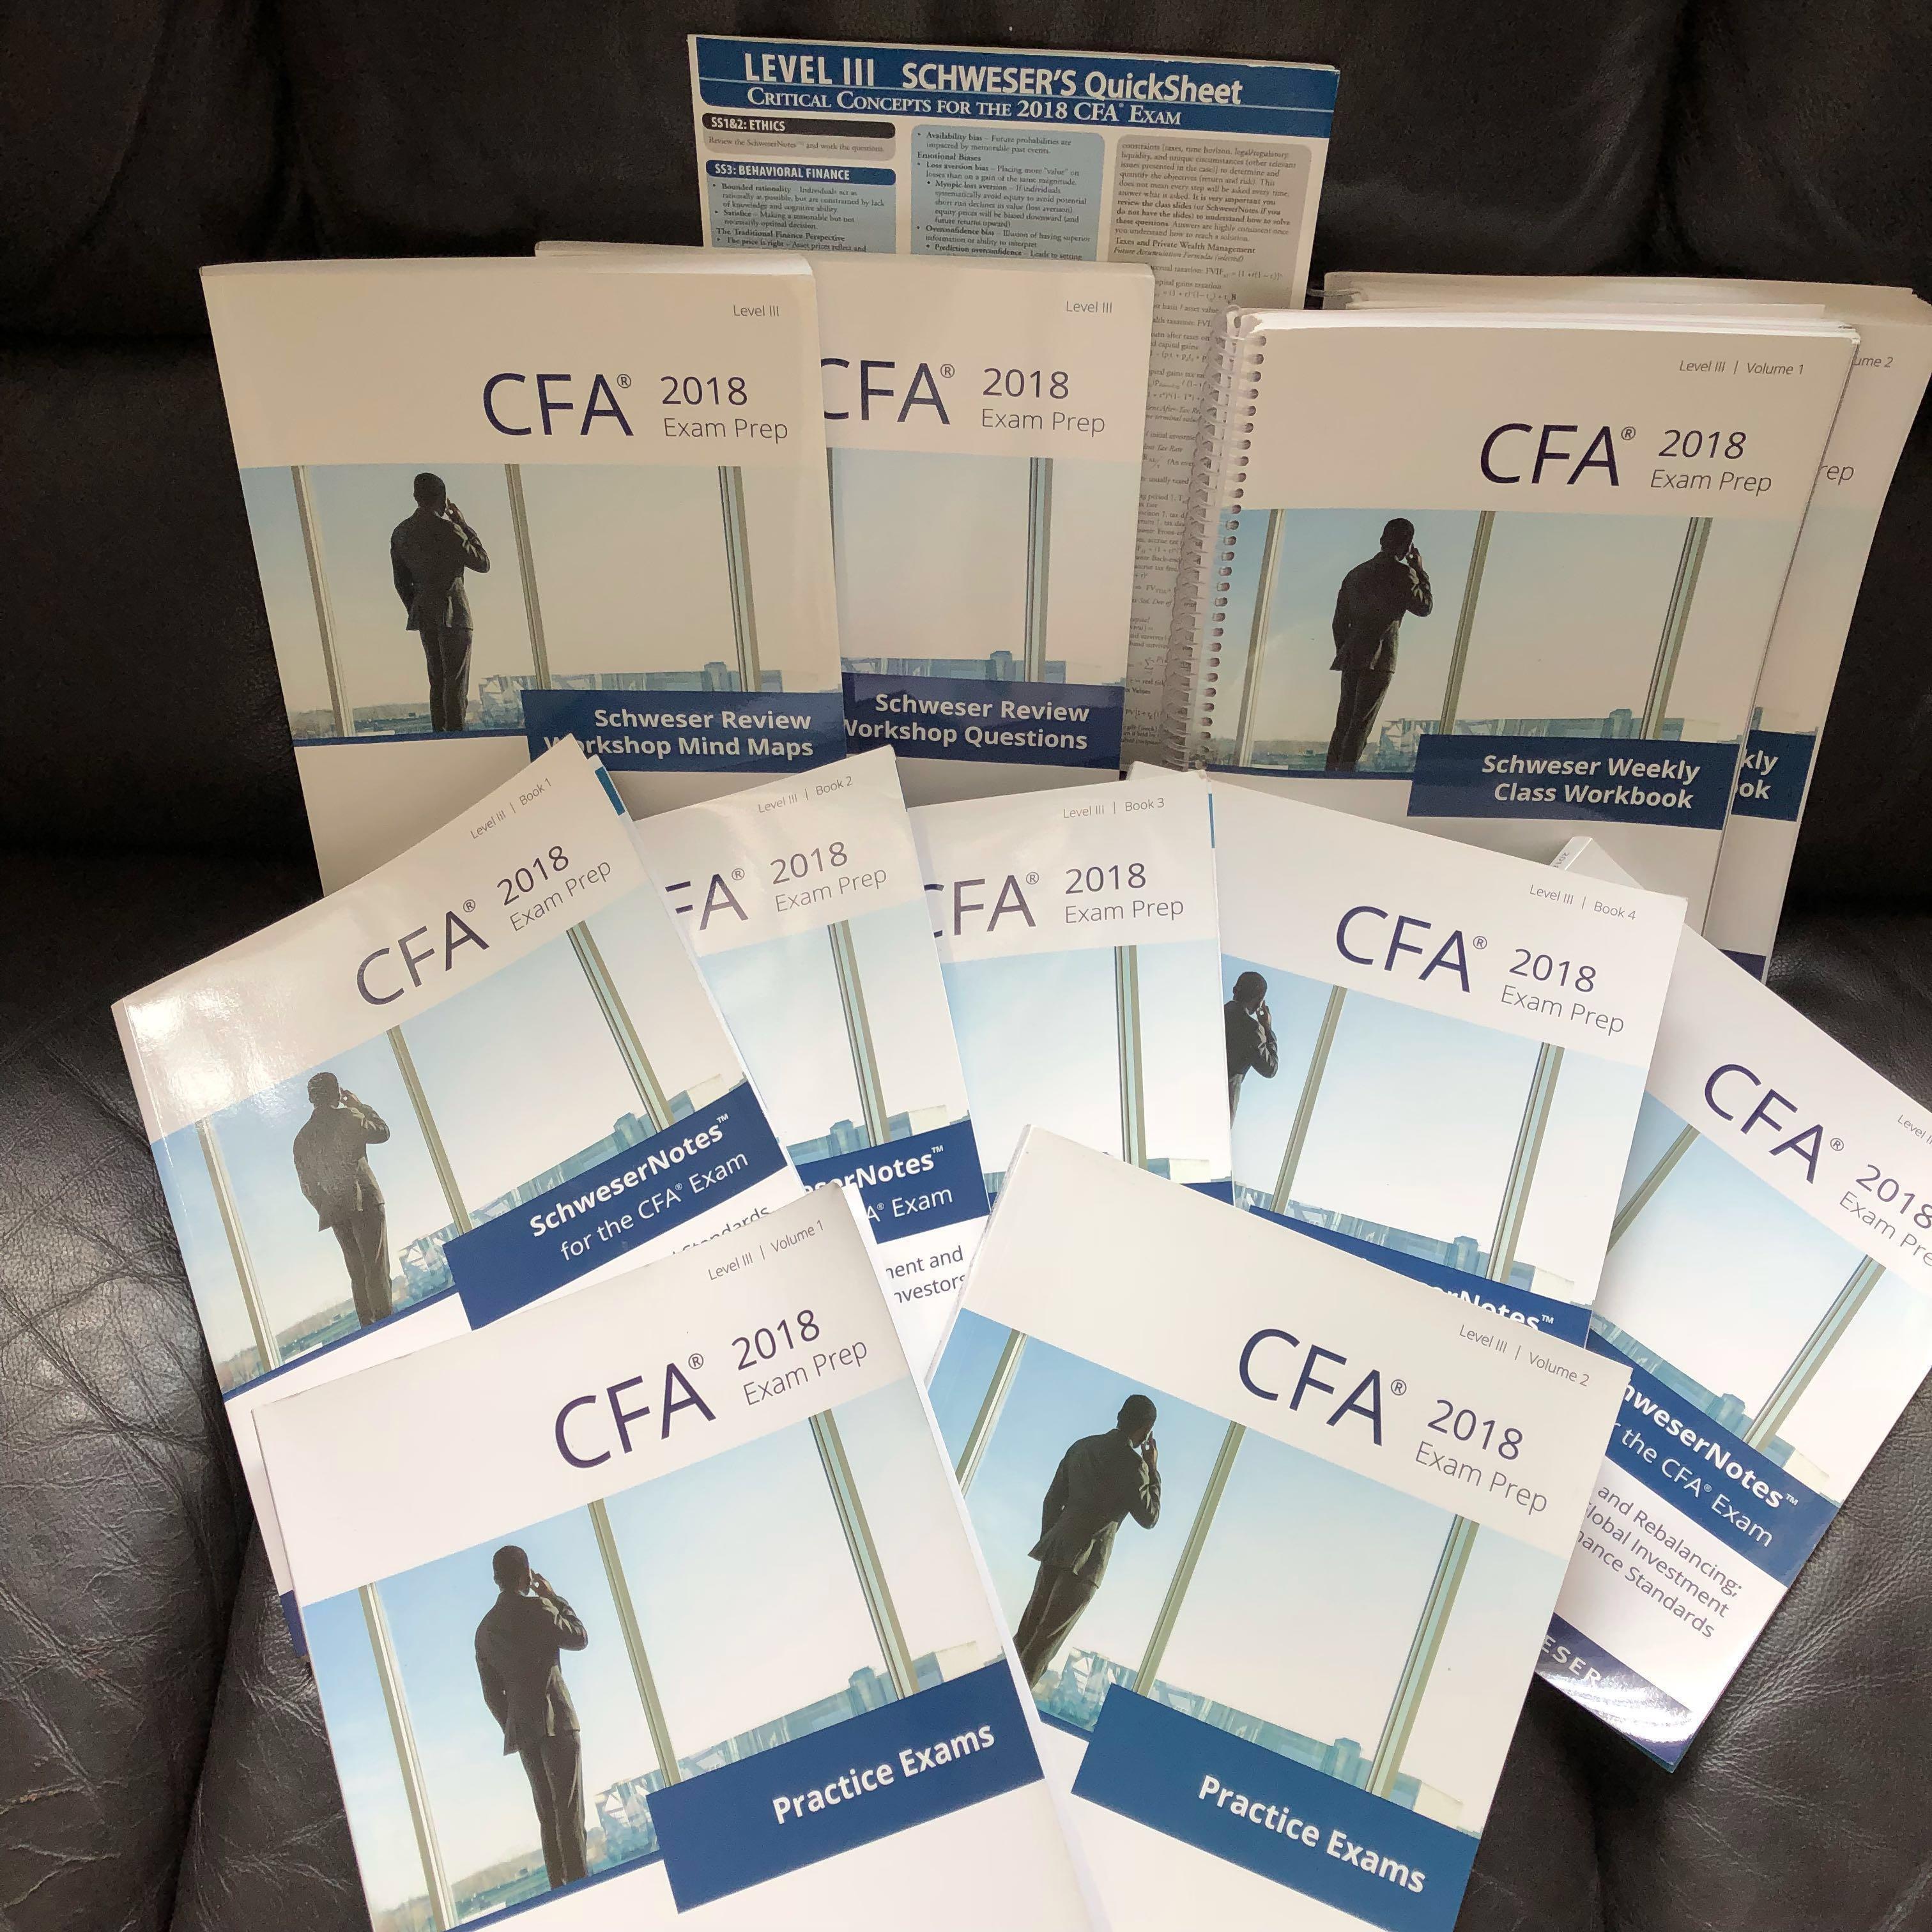 Felsebiyat Dergisi – Popular Kaplan Cfa Notes Level 3